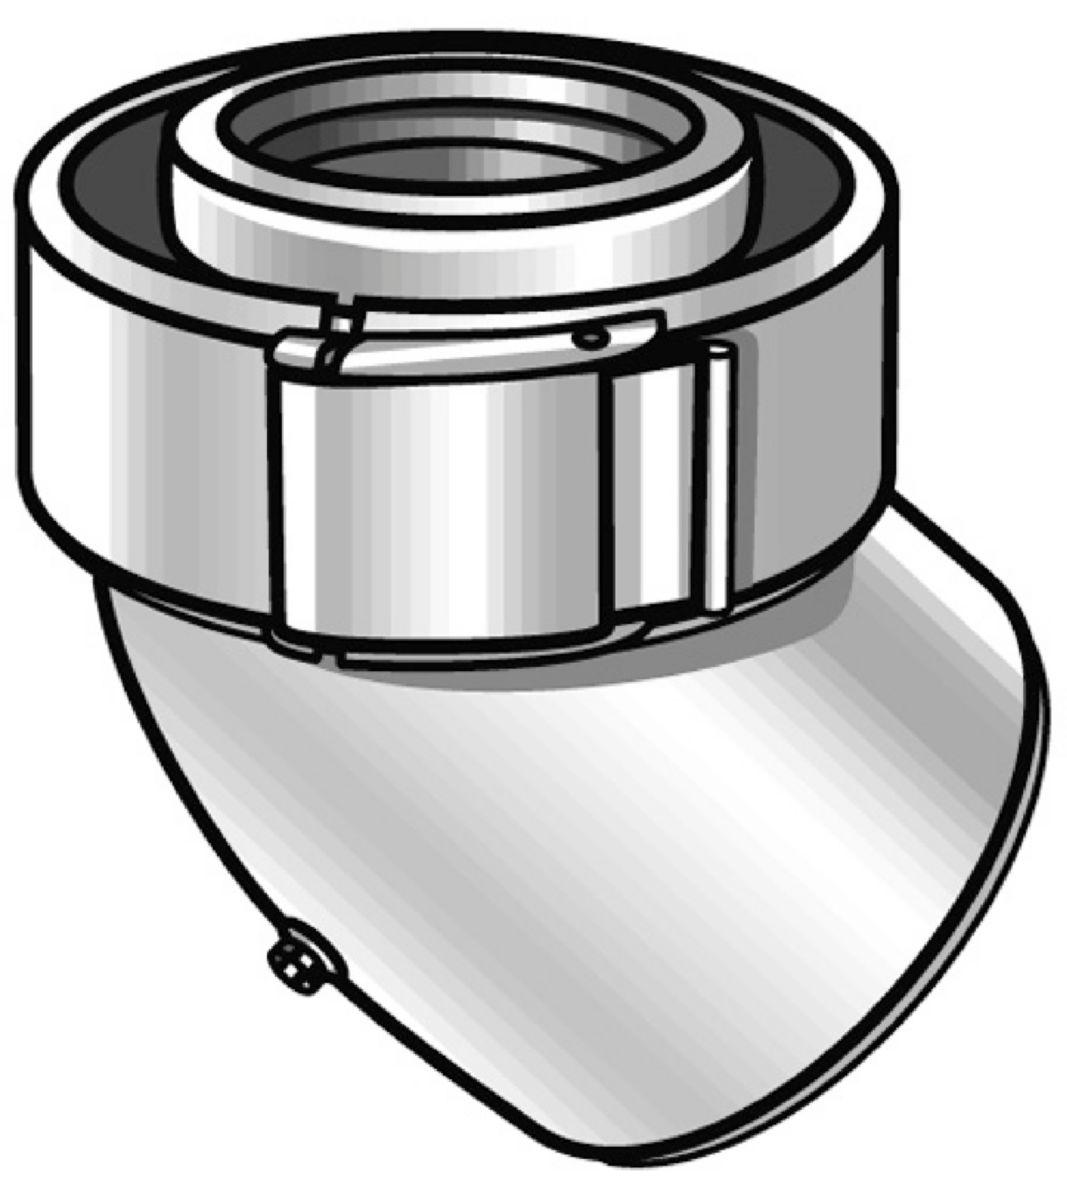 Coude 45° en aluminium et PVC diamètre 60 / 100 système collier réf. 227201